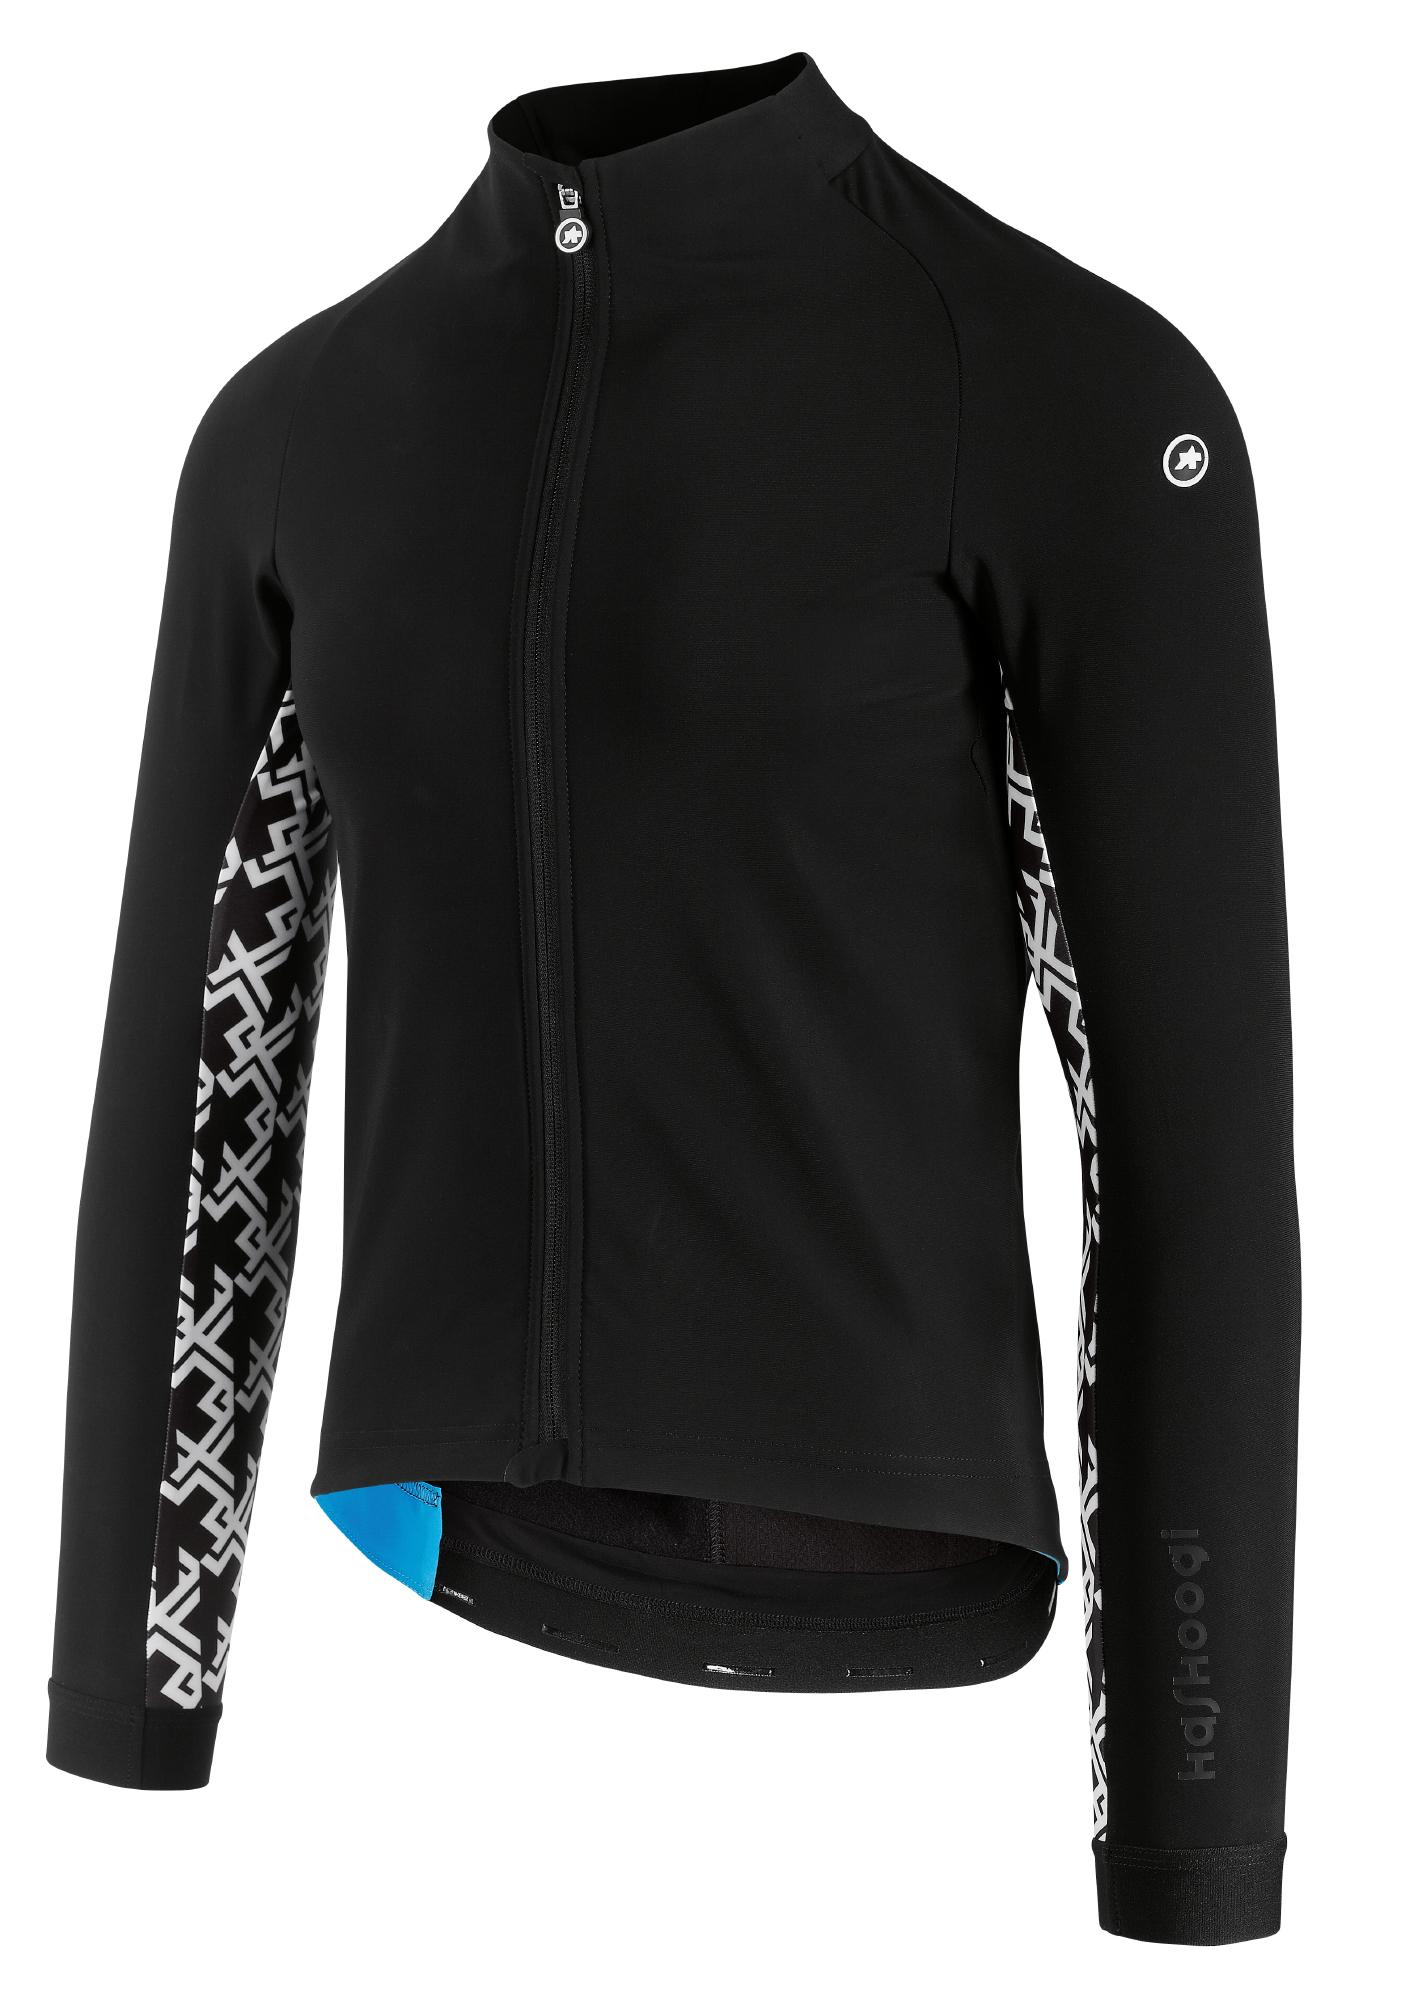 Assos Mille GT Jacket Winter - Cykeljakke - Herre - Sort | Jakker